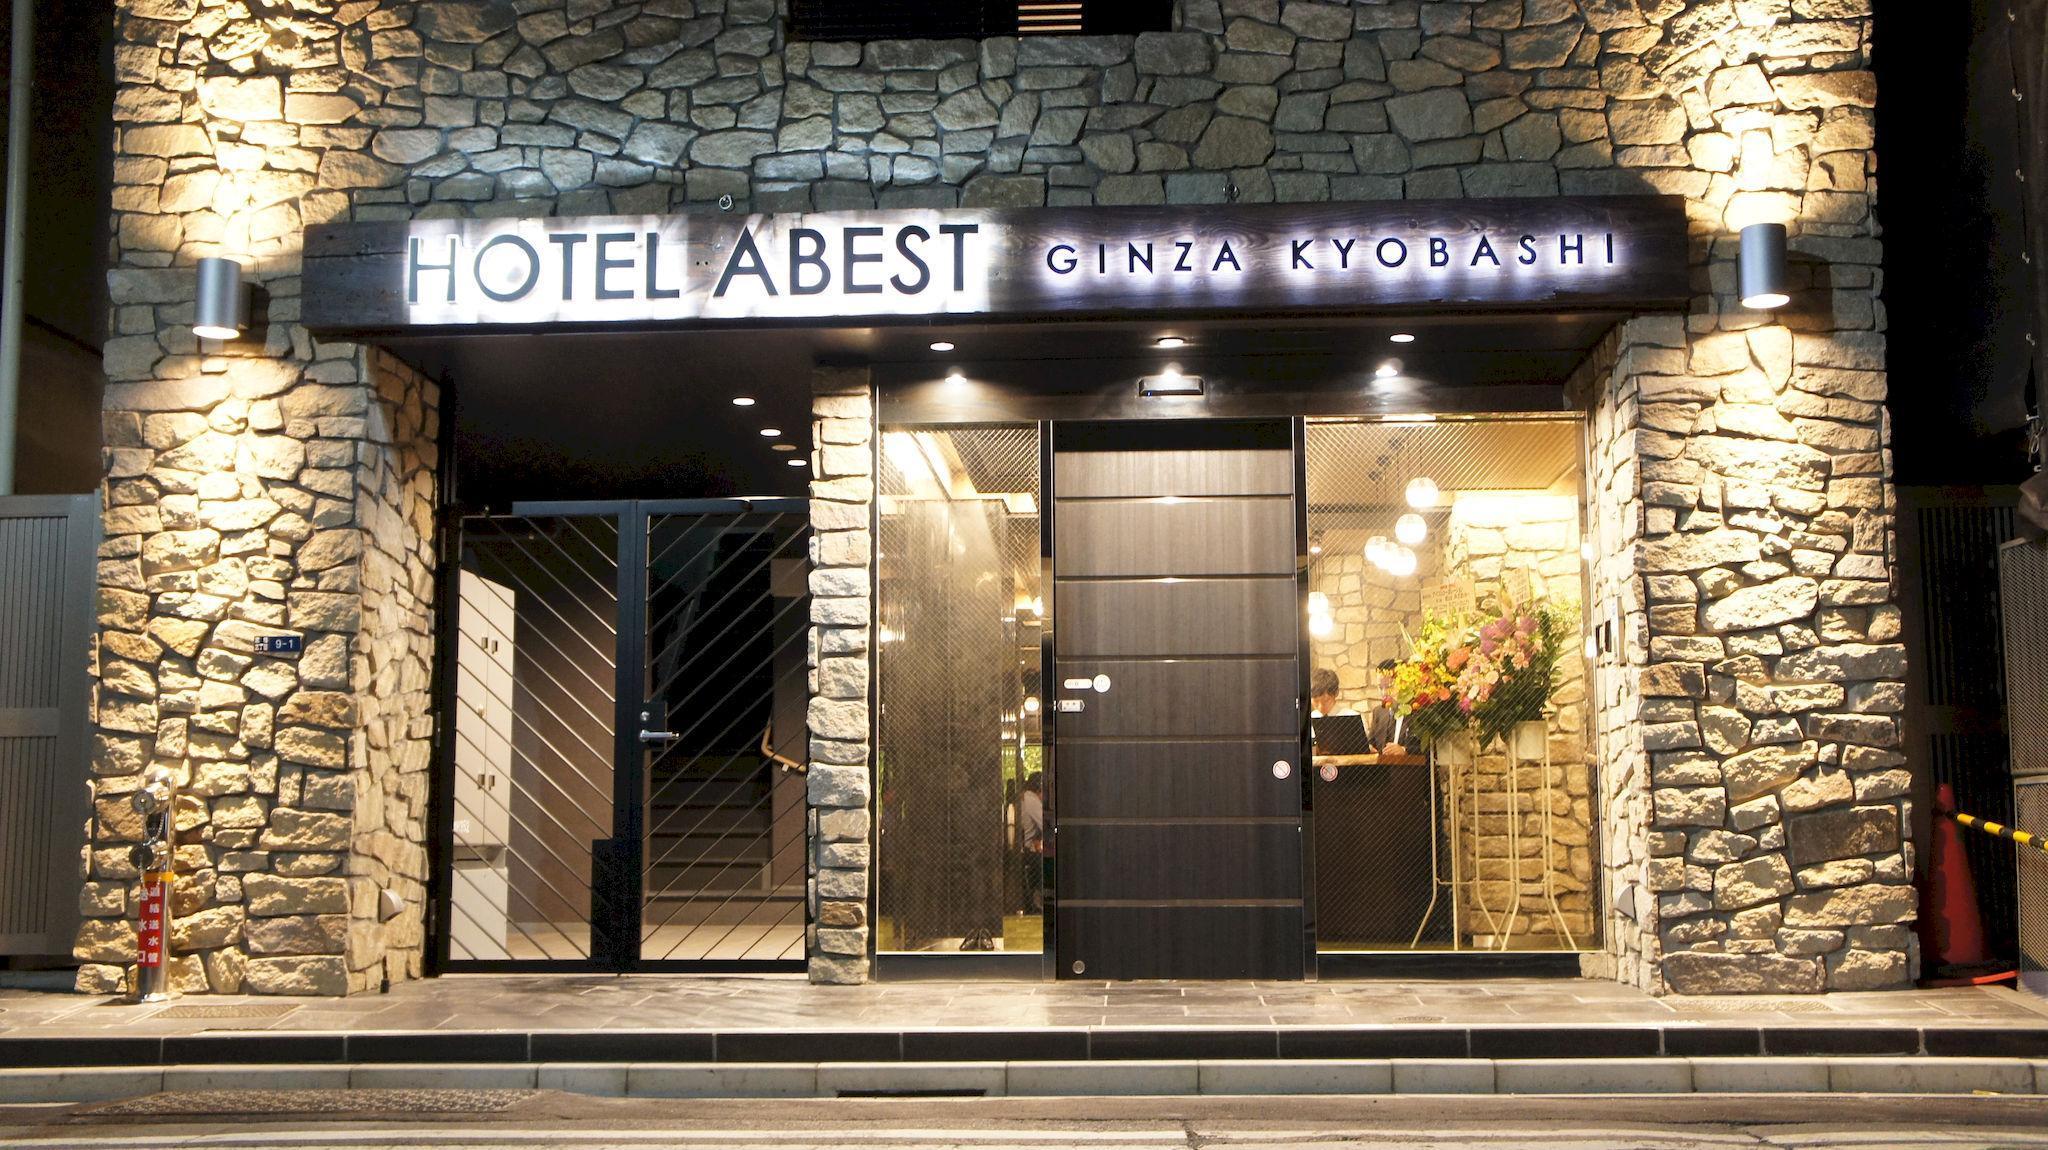 Hotel Abest Ginza Kyobashi